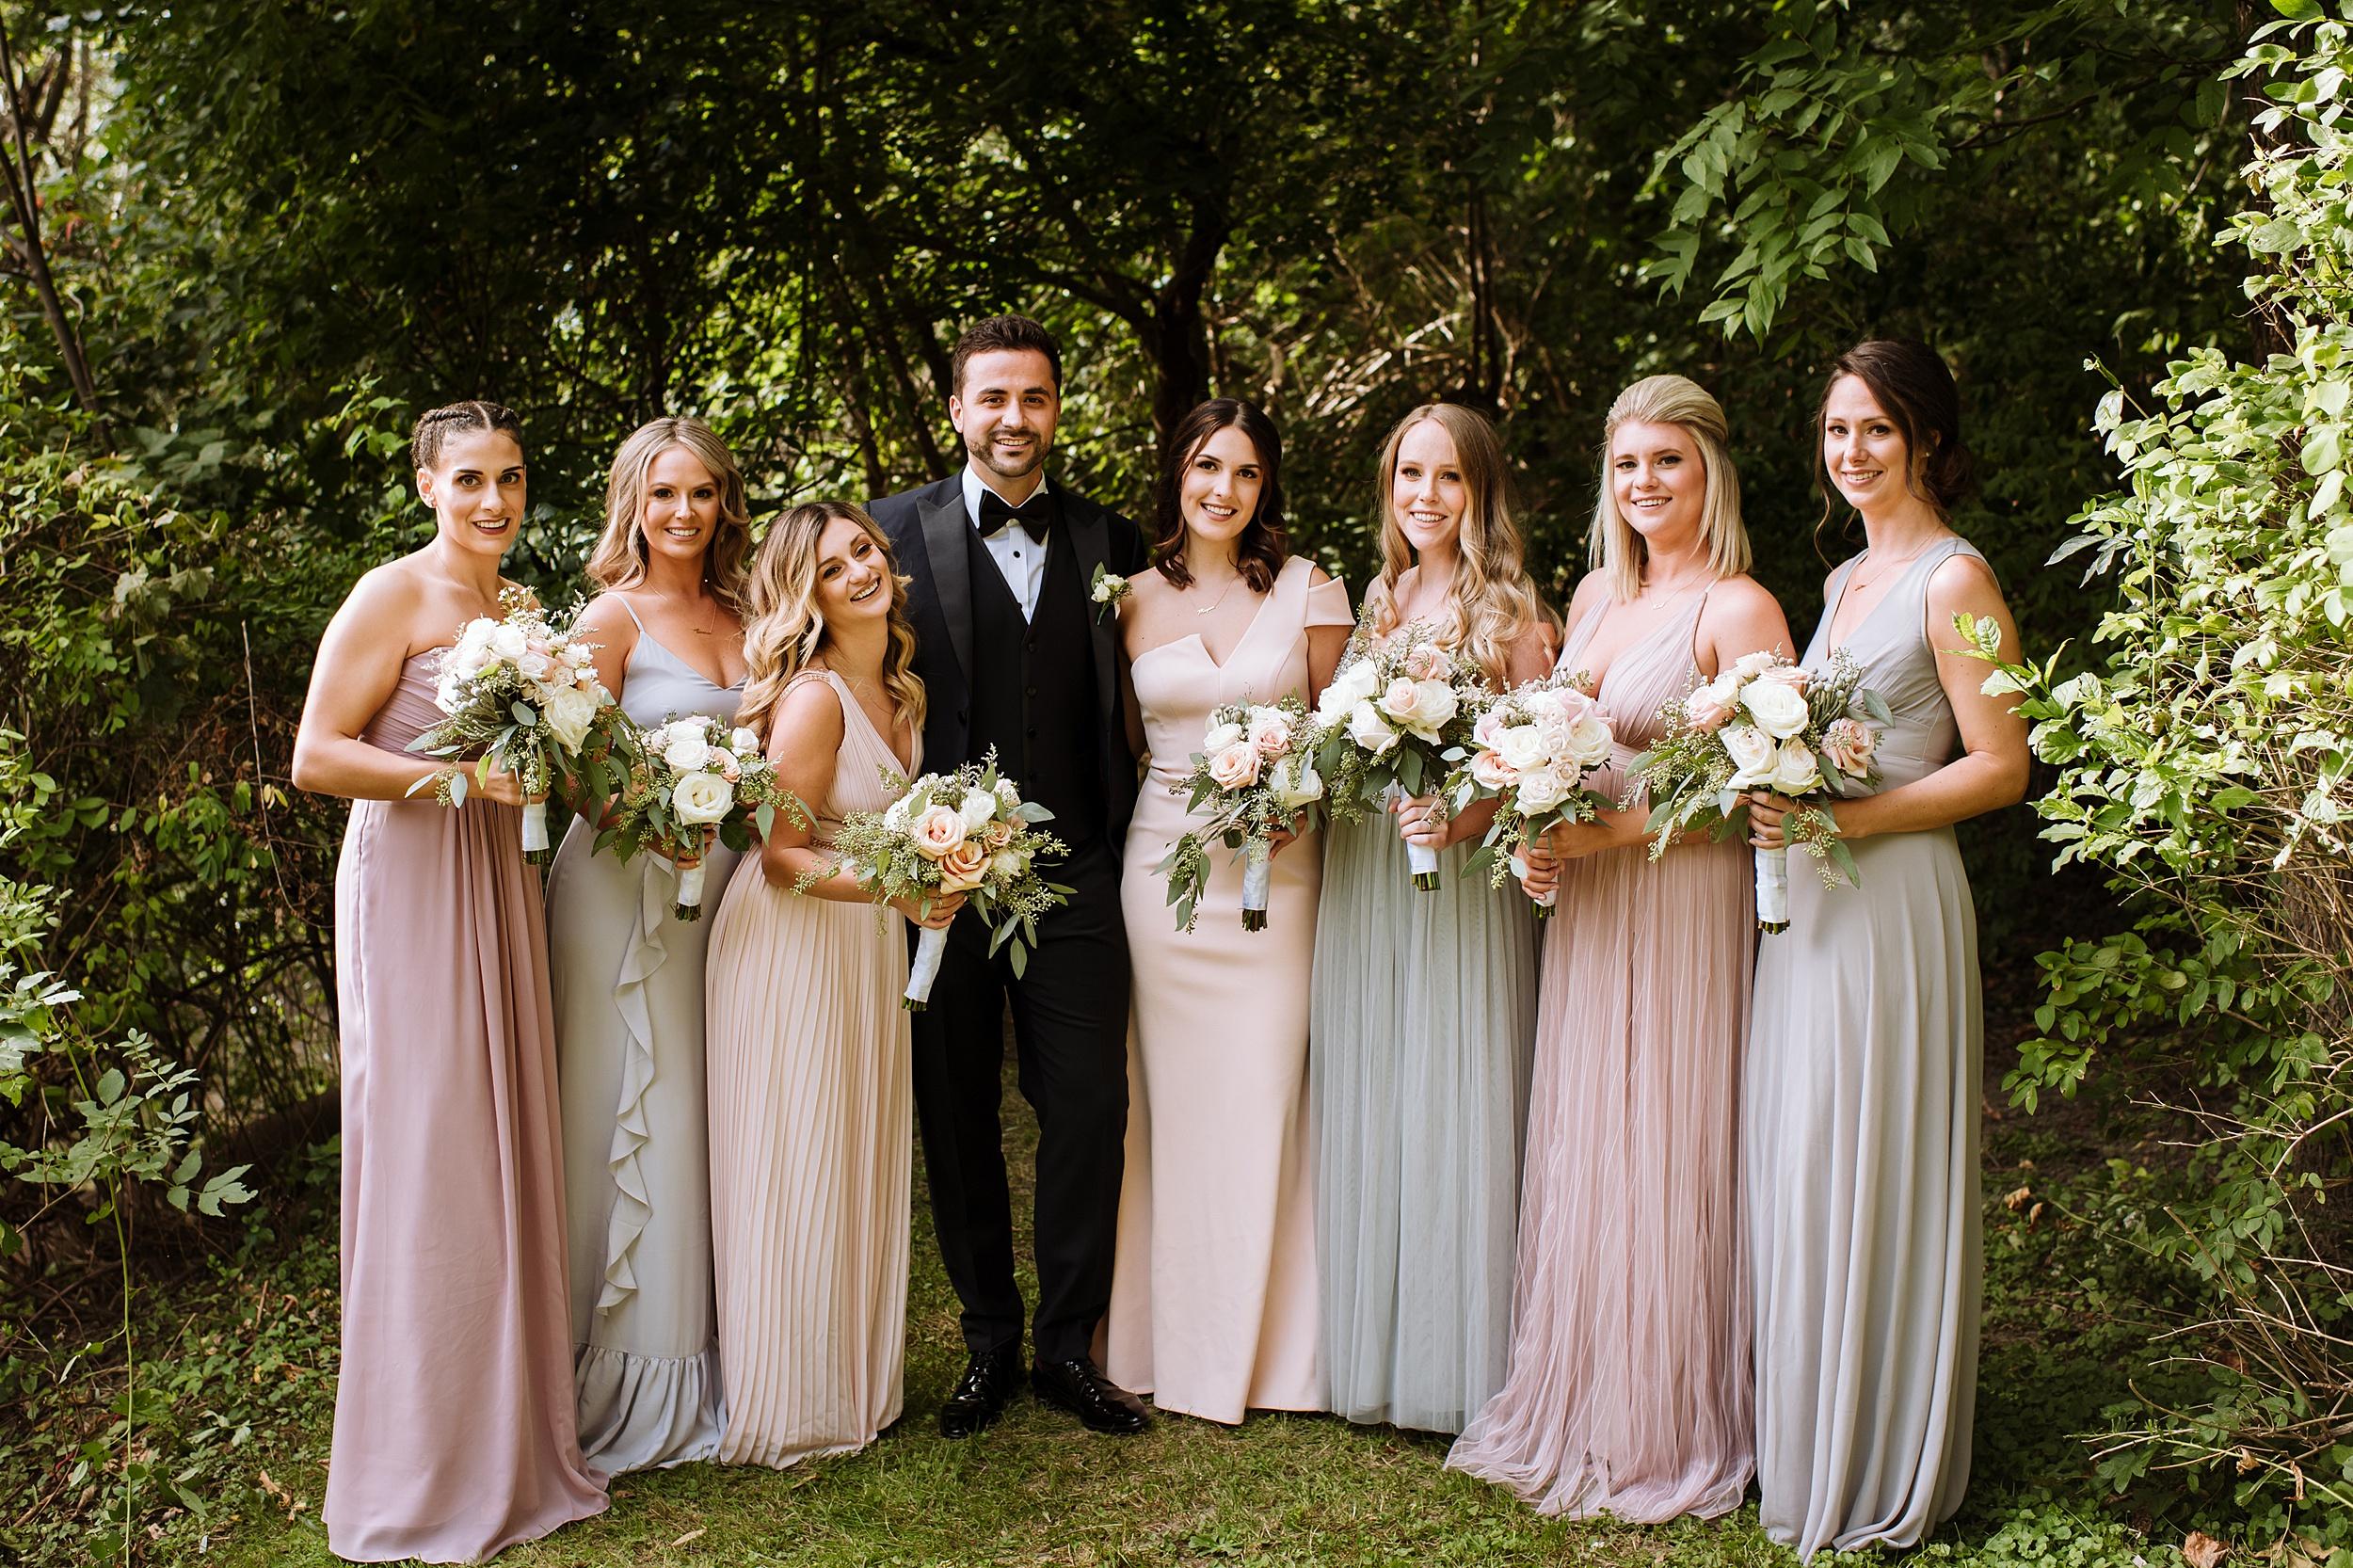 Rustic_Backyard_Wedding_Toronto_Photographer067.jpg